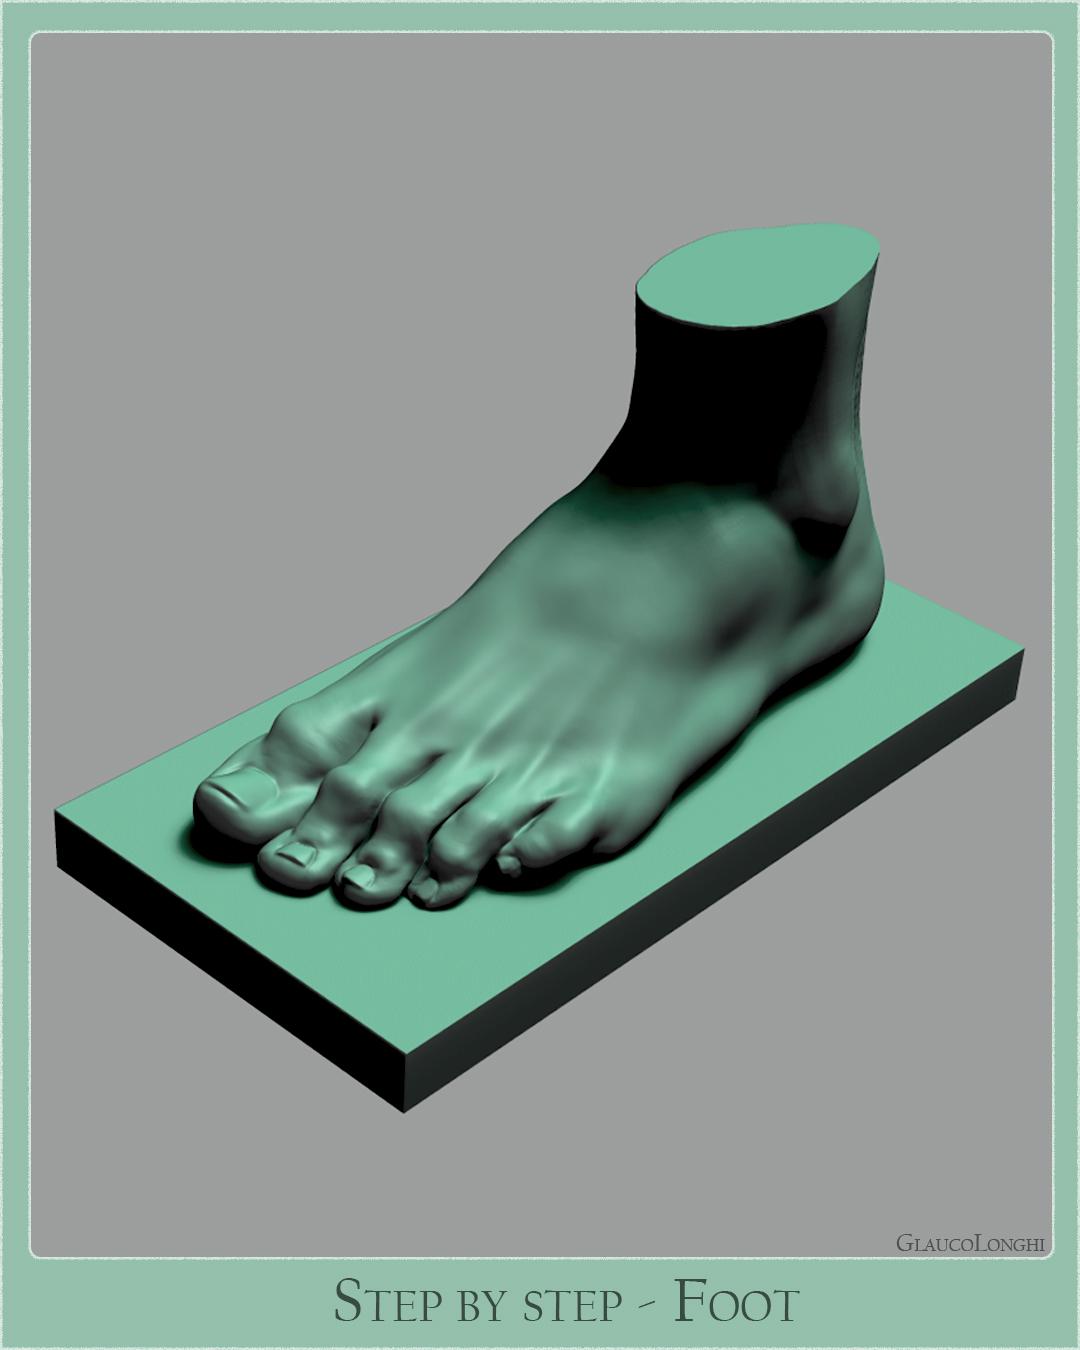 sbs_foot_001.jpg